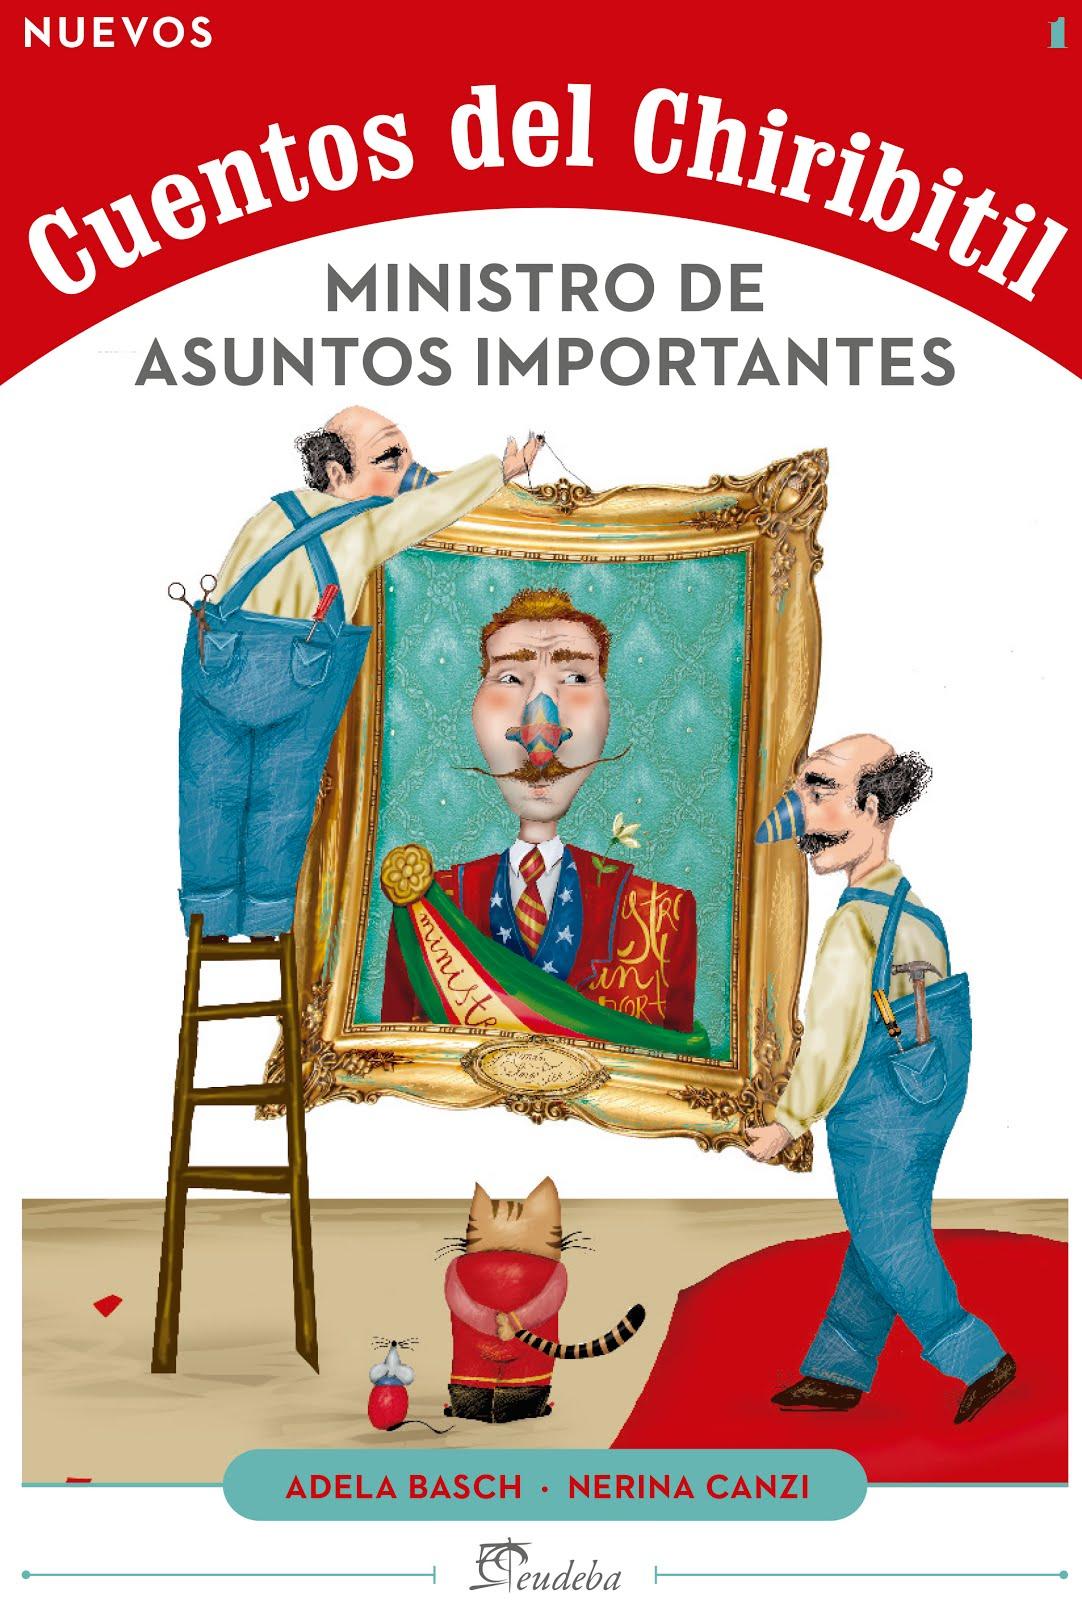 Ministro de asuntos importantes